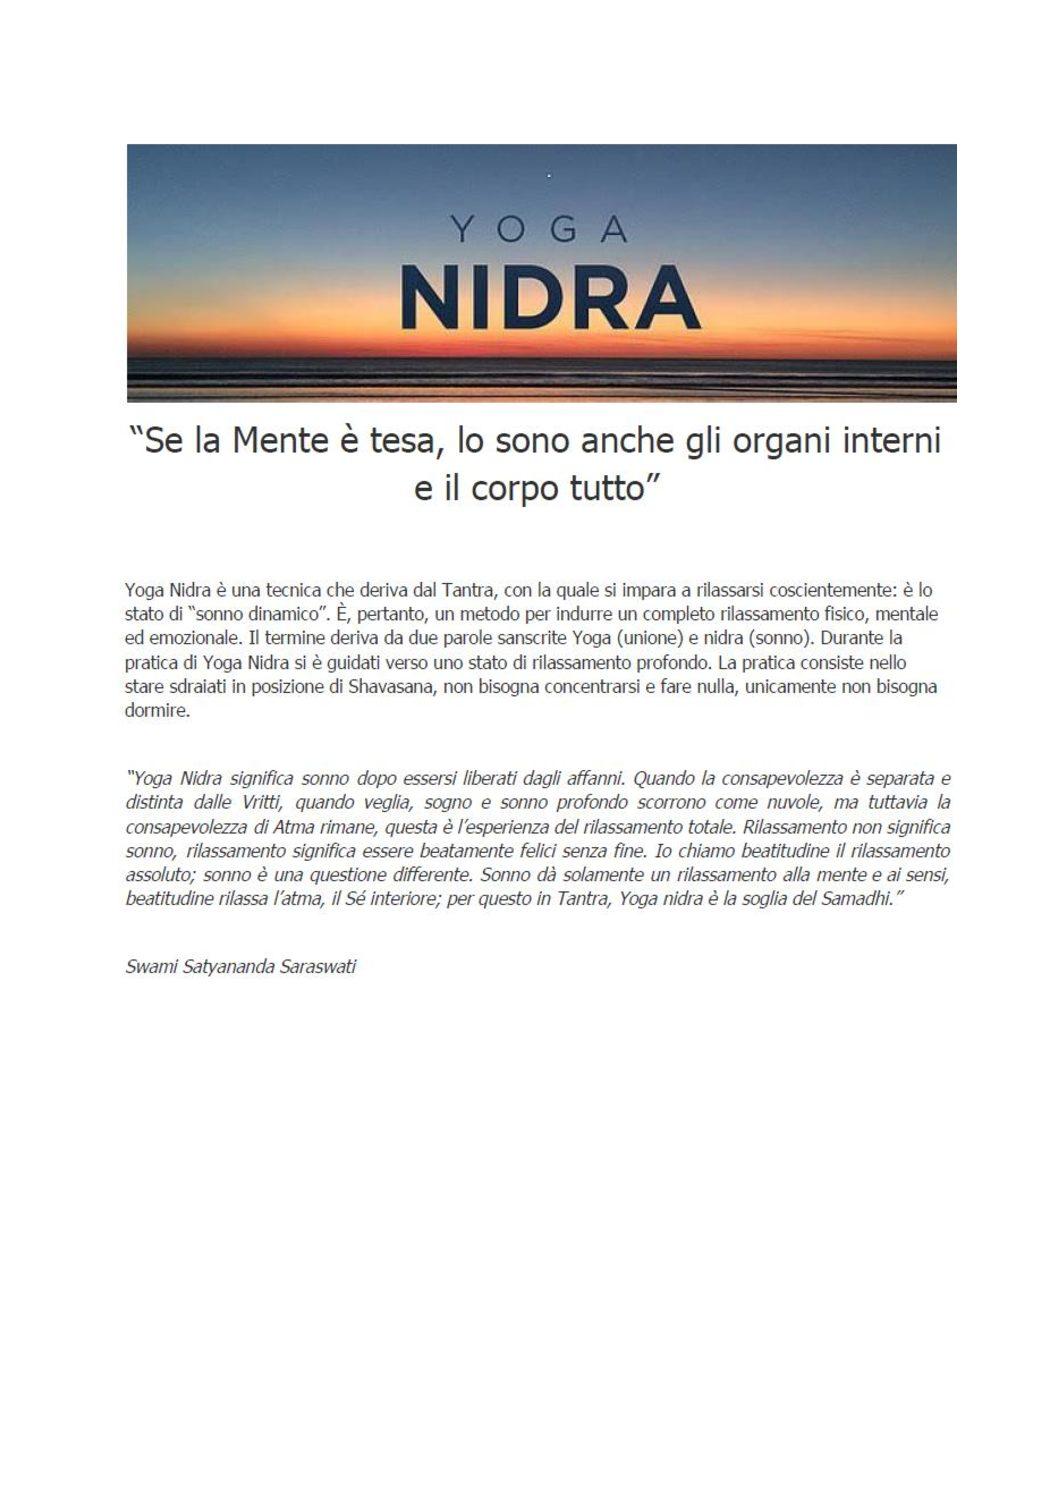 Corso di Formazione intensivo di Yoga Nidra